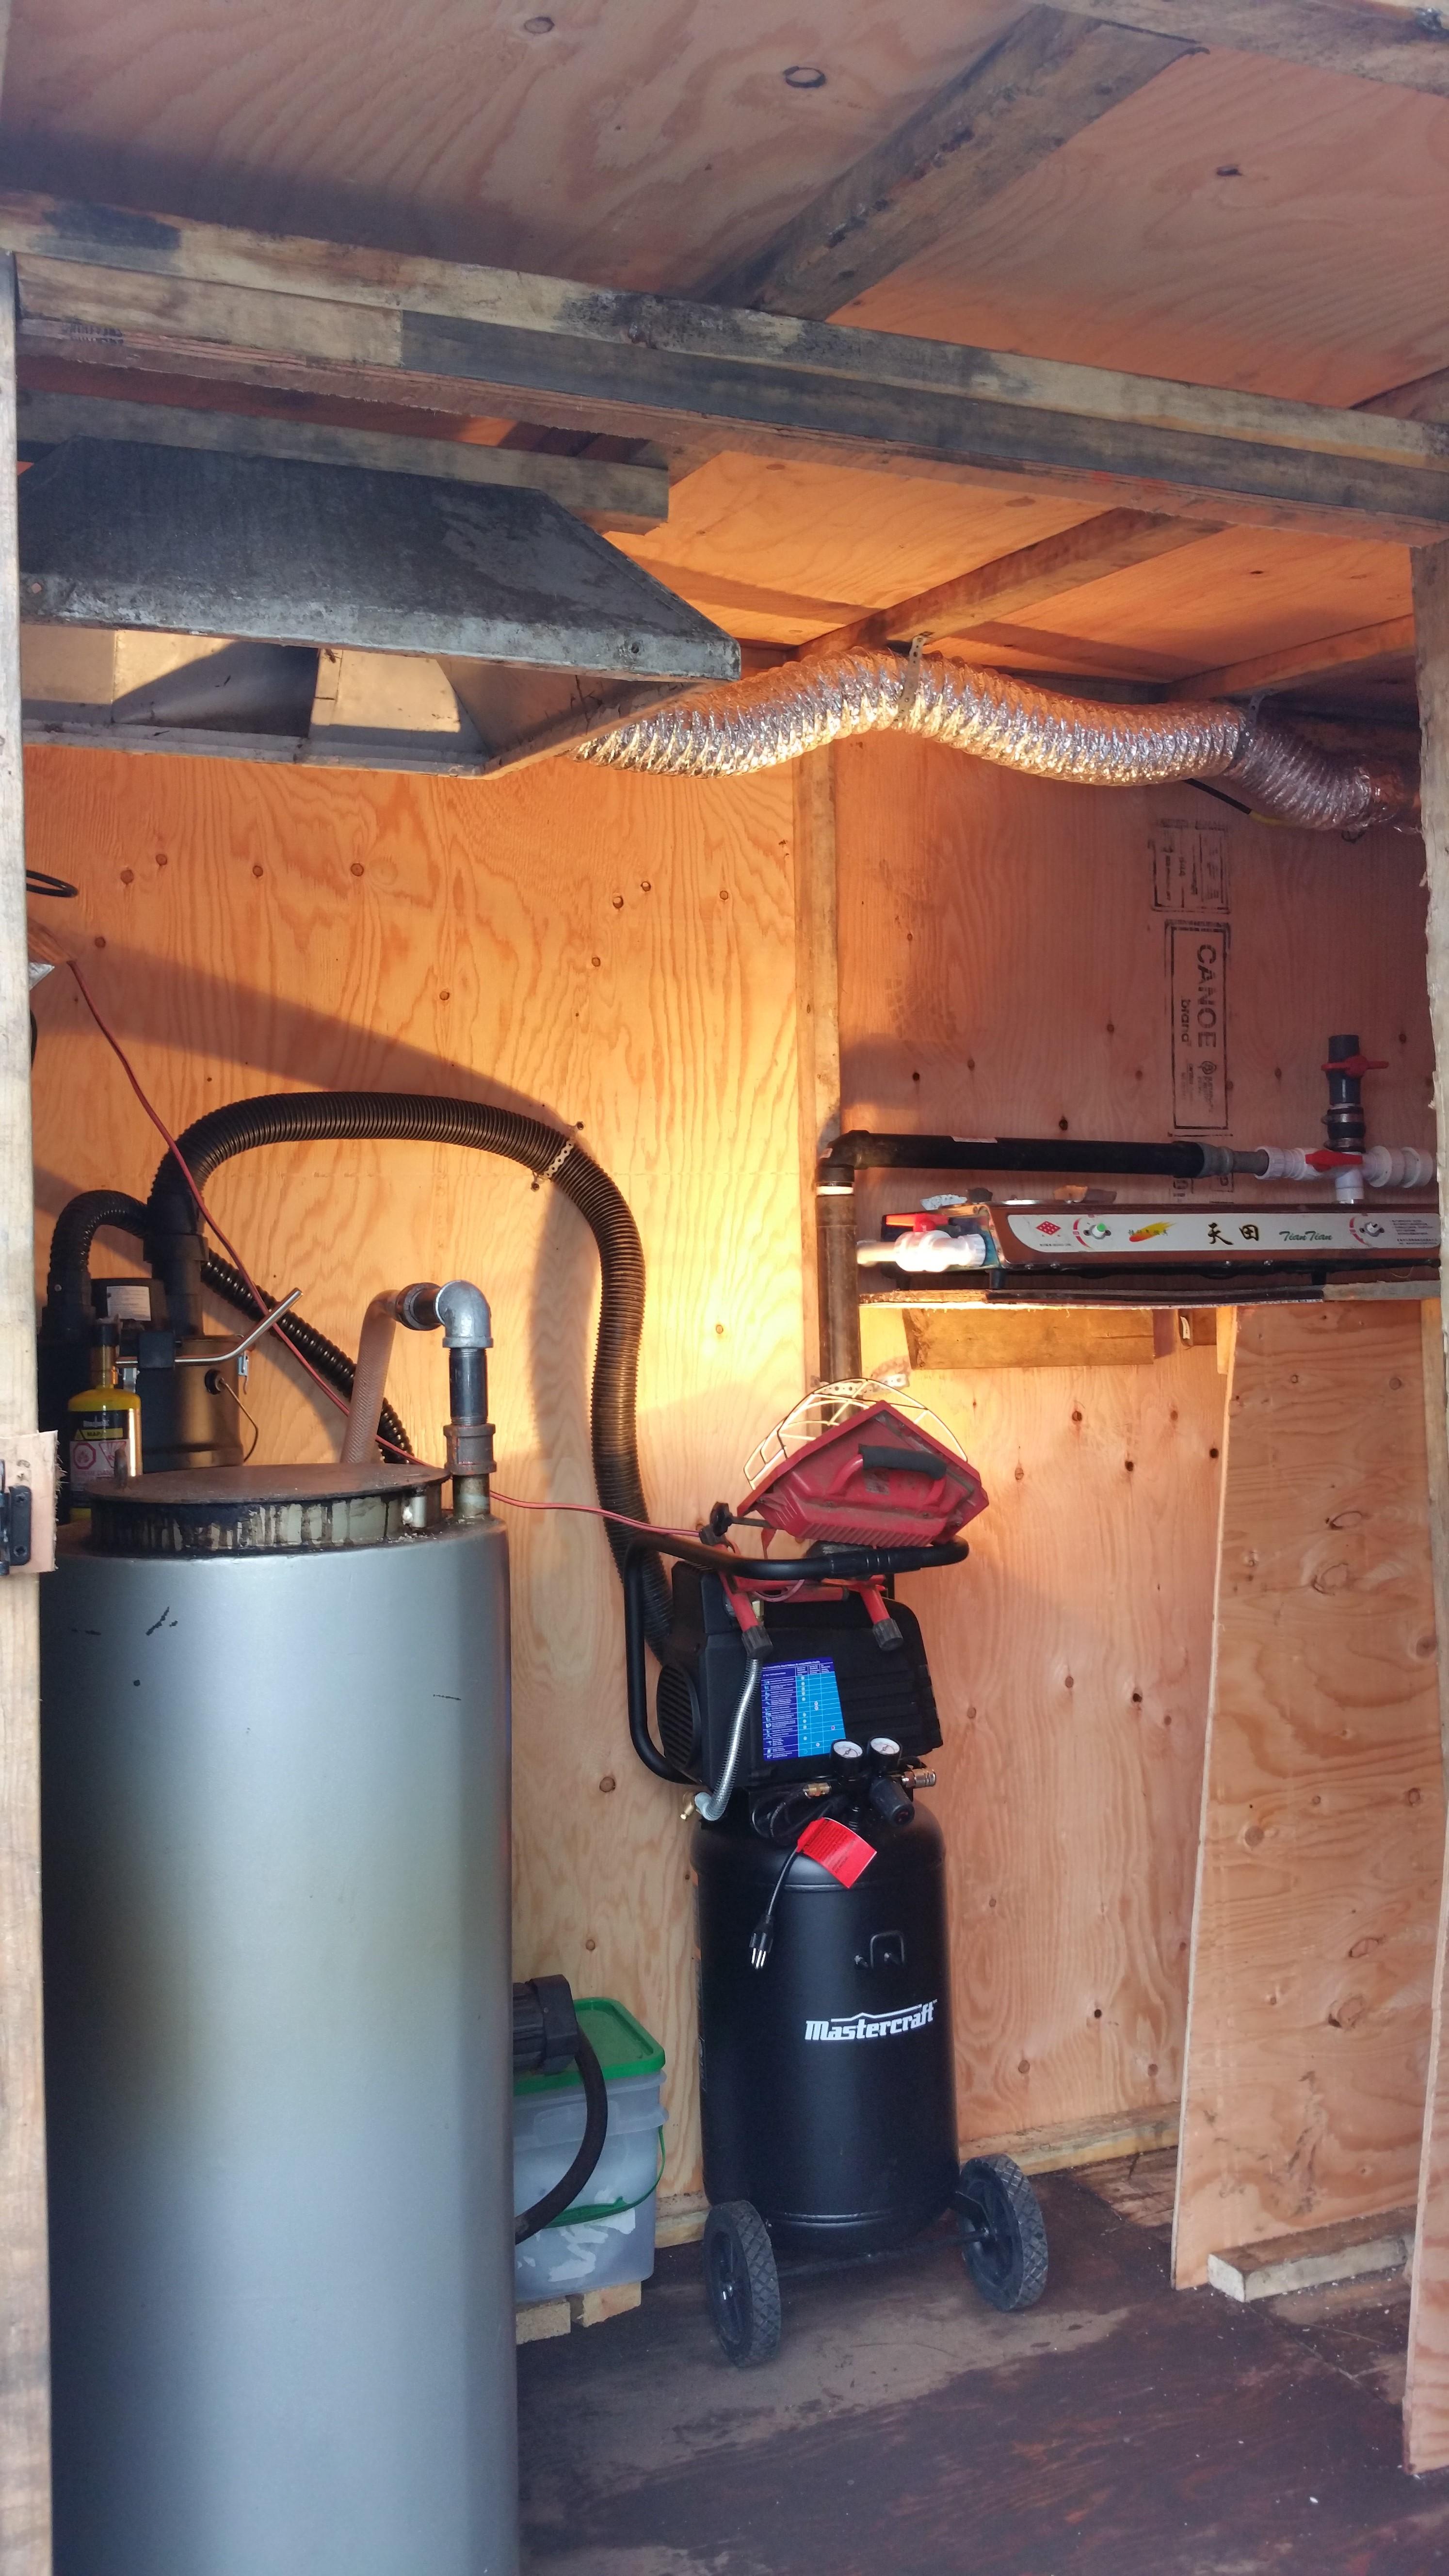 The biomass gasifier